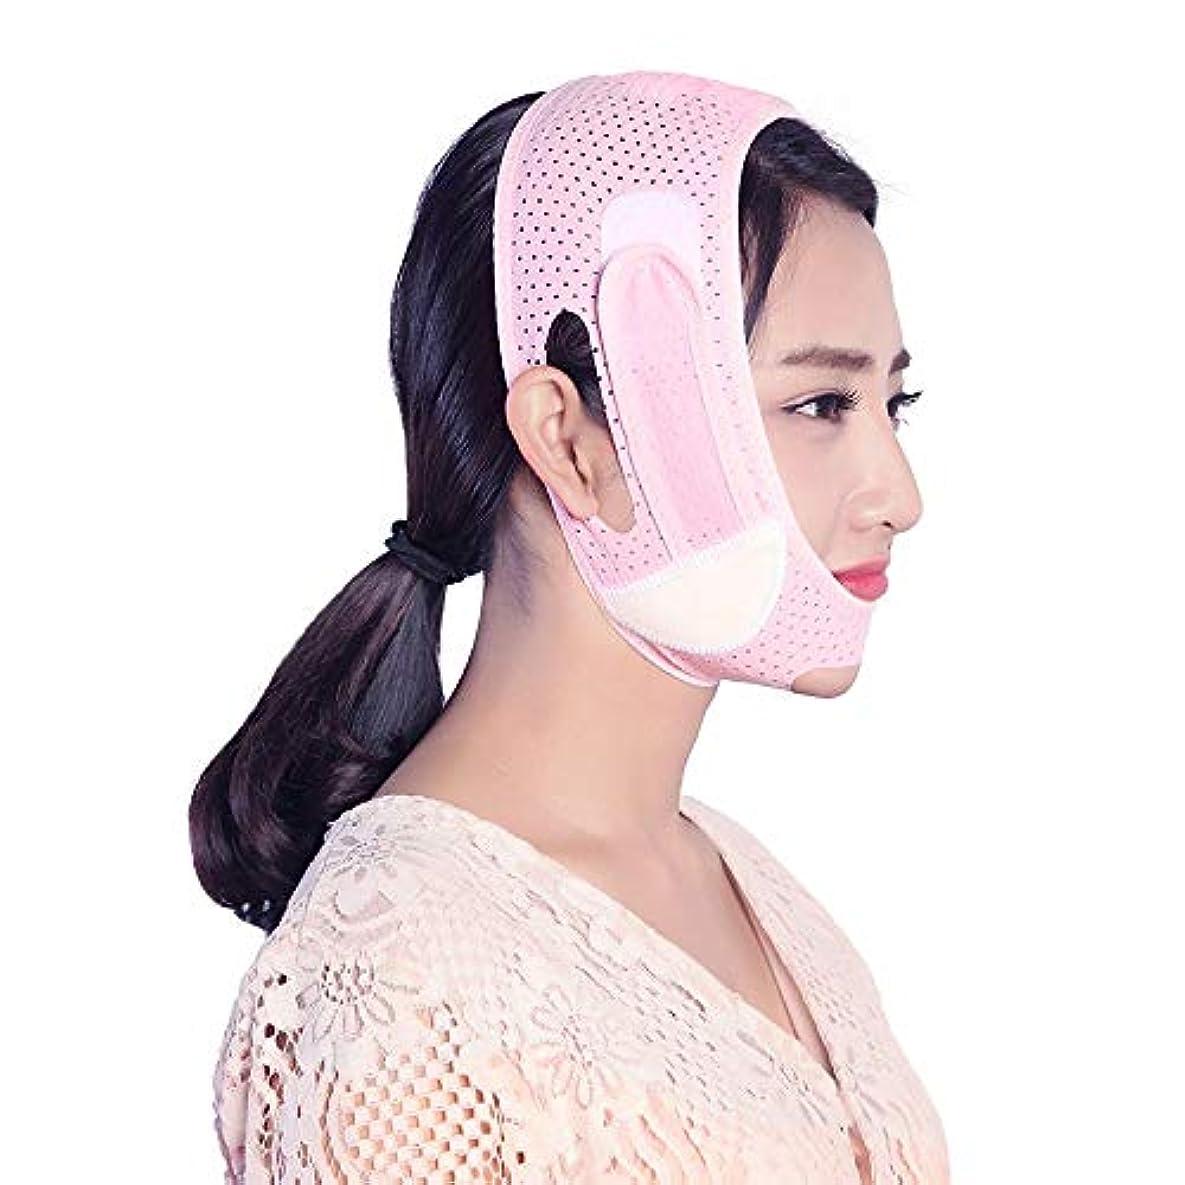 戸棚忙しいJia Jia- 睡眠薄い顔パッチ包帯吊り上げプルv顔引き締めどころアーティファクト判決パターン二重あご薄いマッセルマスク - ピンク 顔面包帯